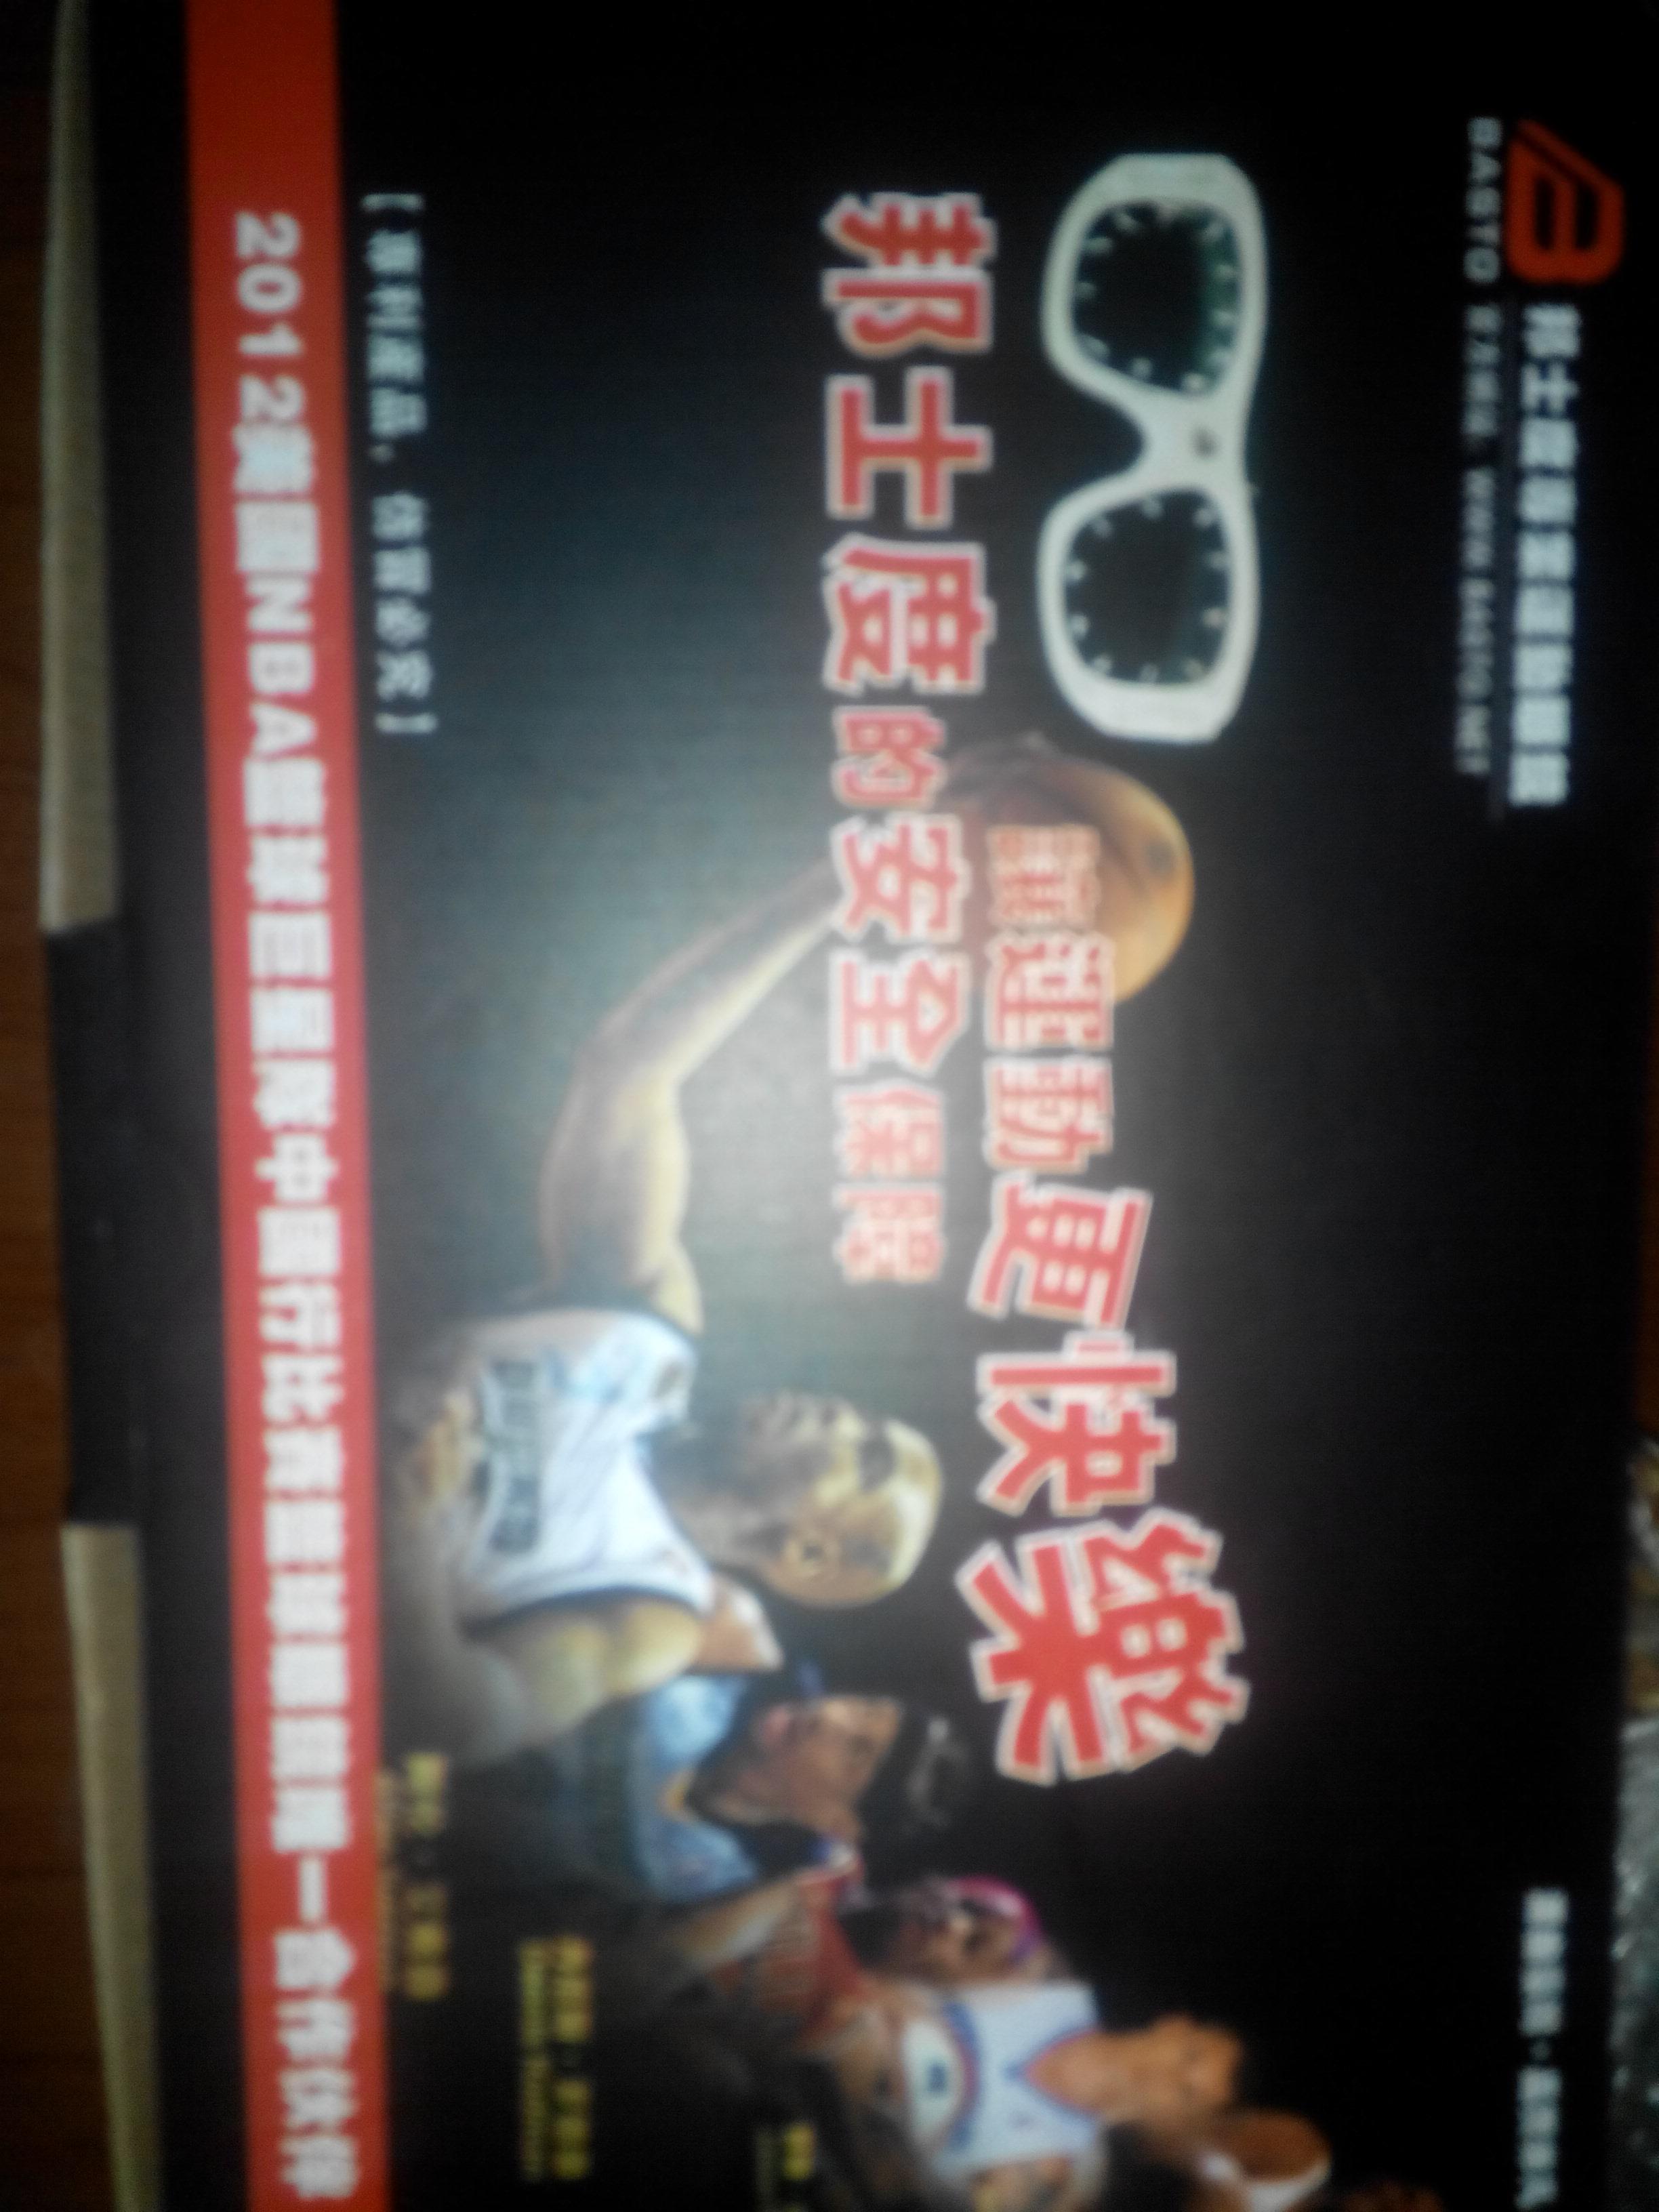 kids free 5.0 v2 00913051 outlet